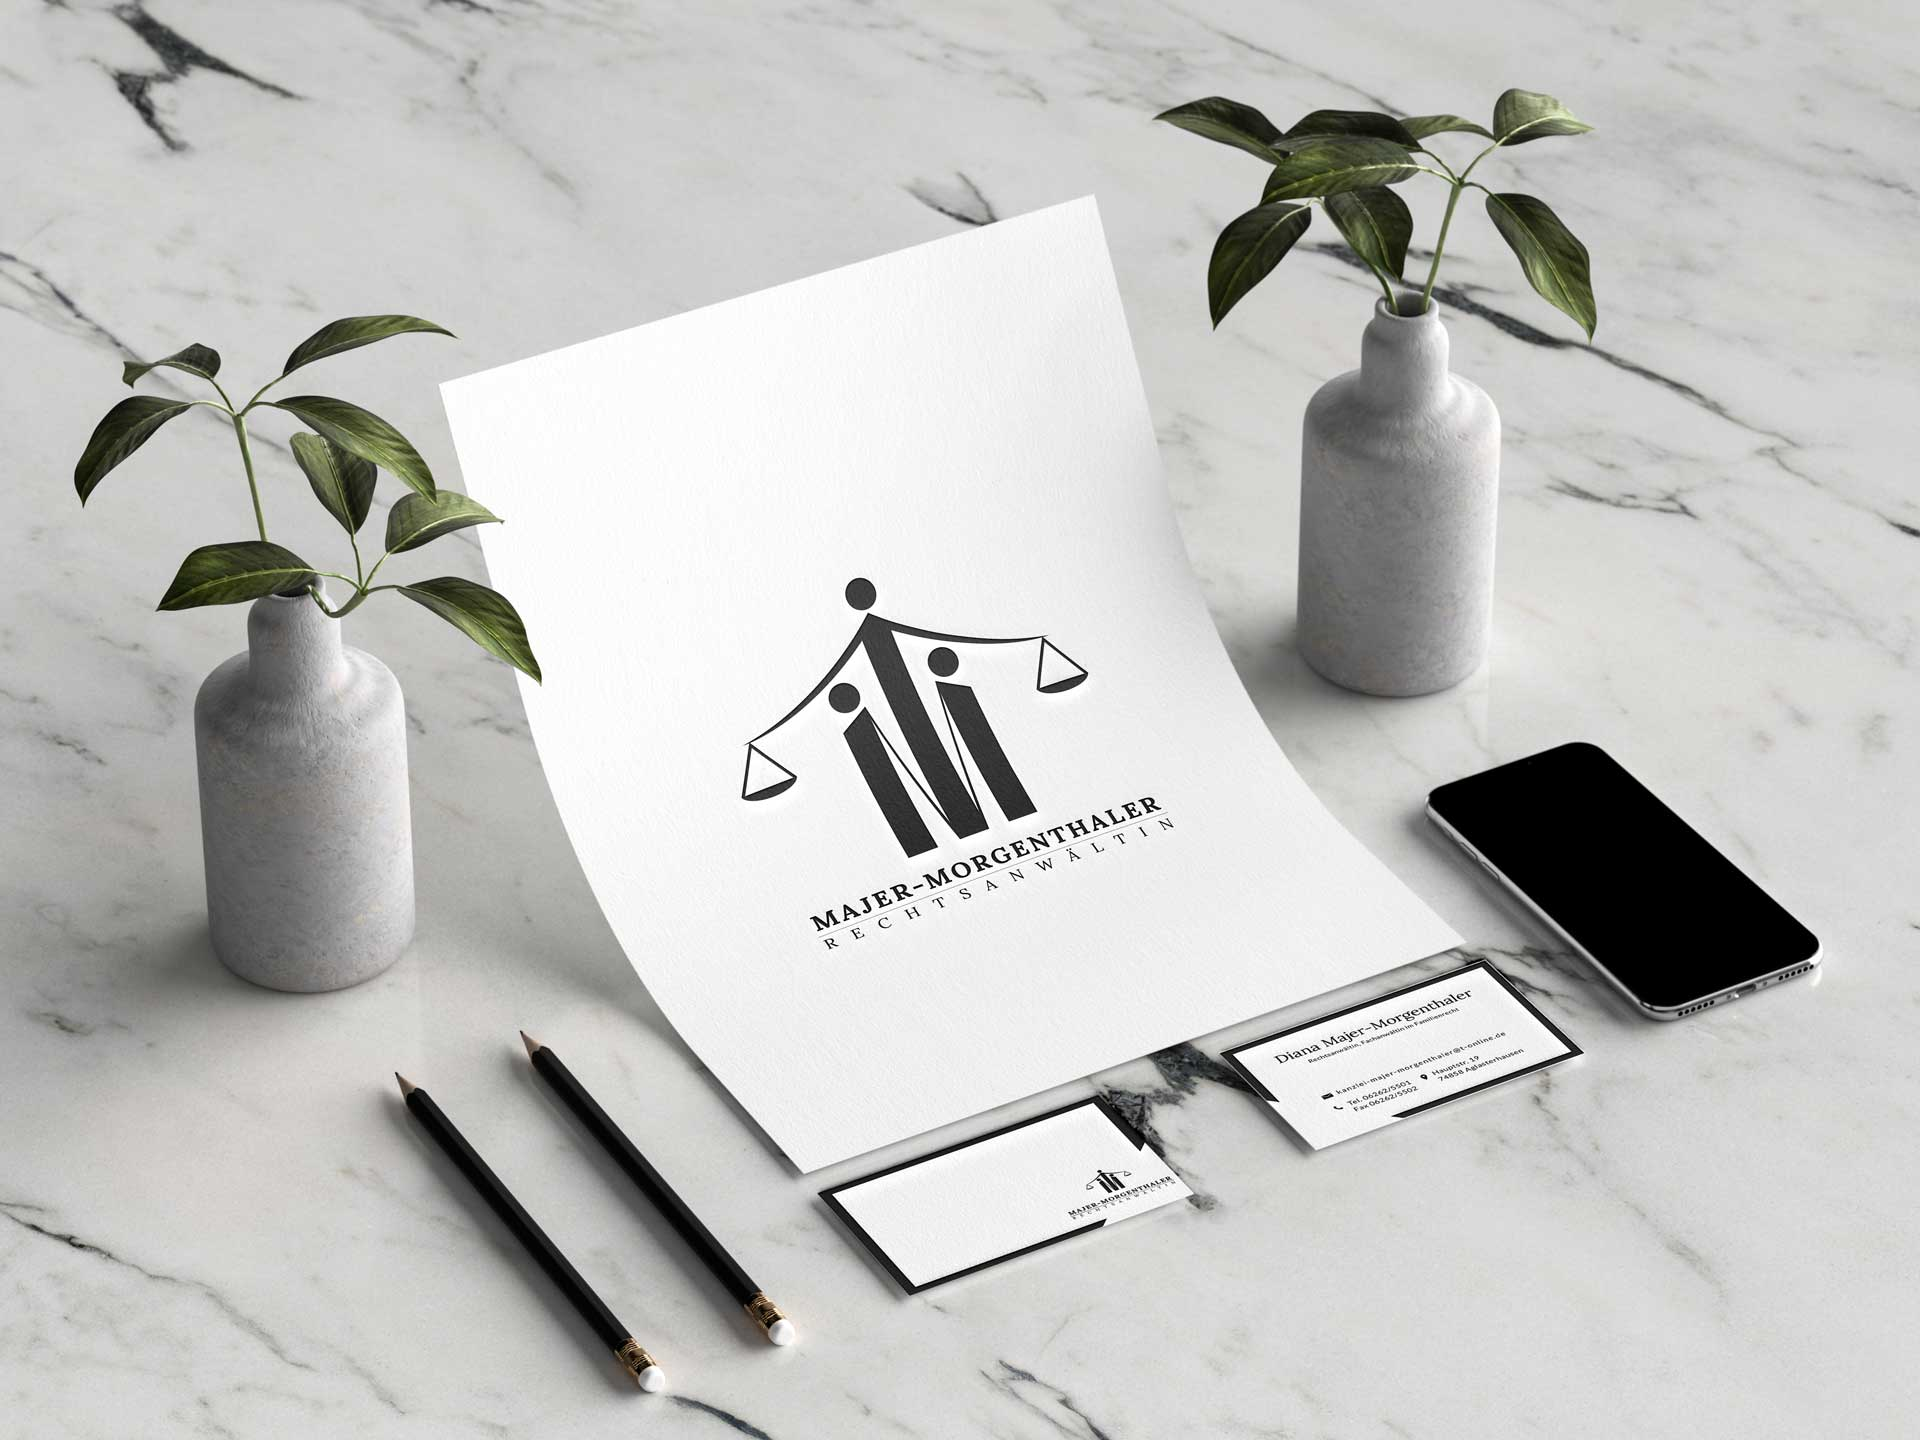 Mischler Webdesign Mannheim portfolio majer-morgenthaler webseite